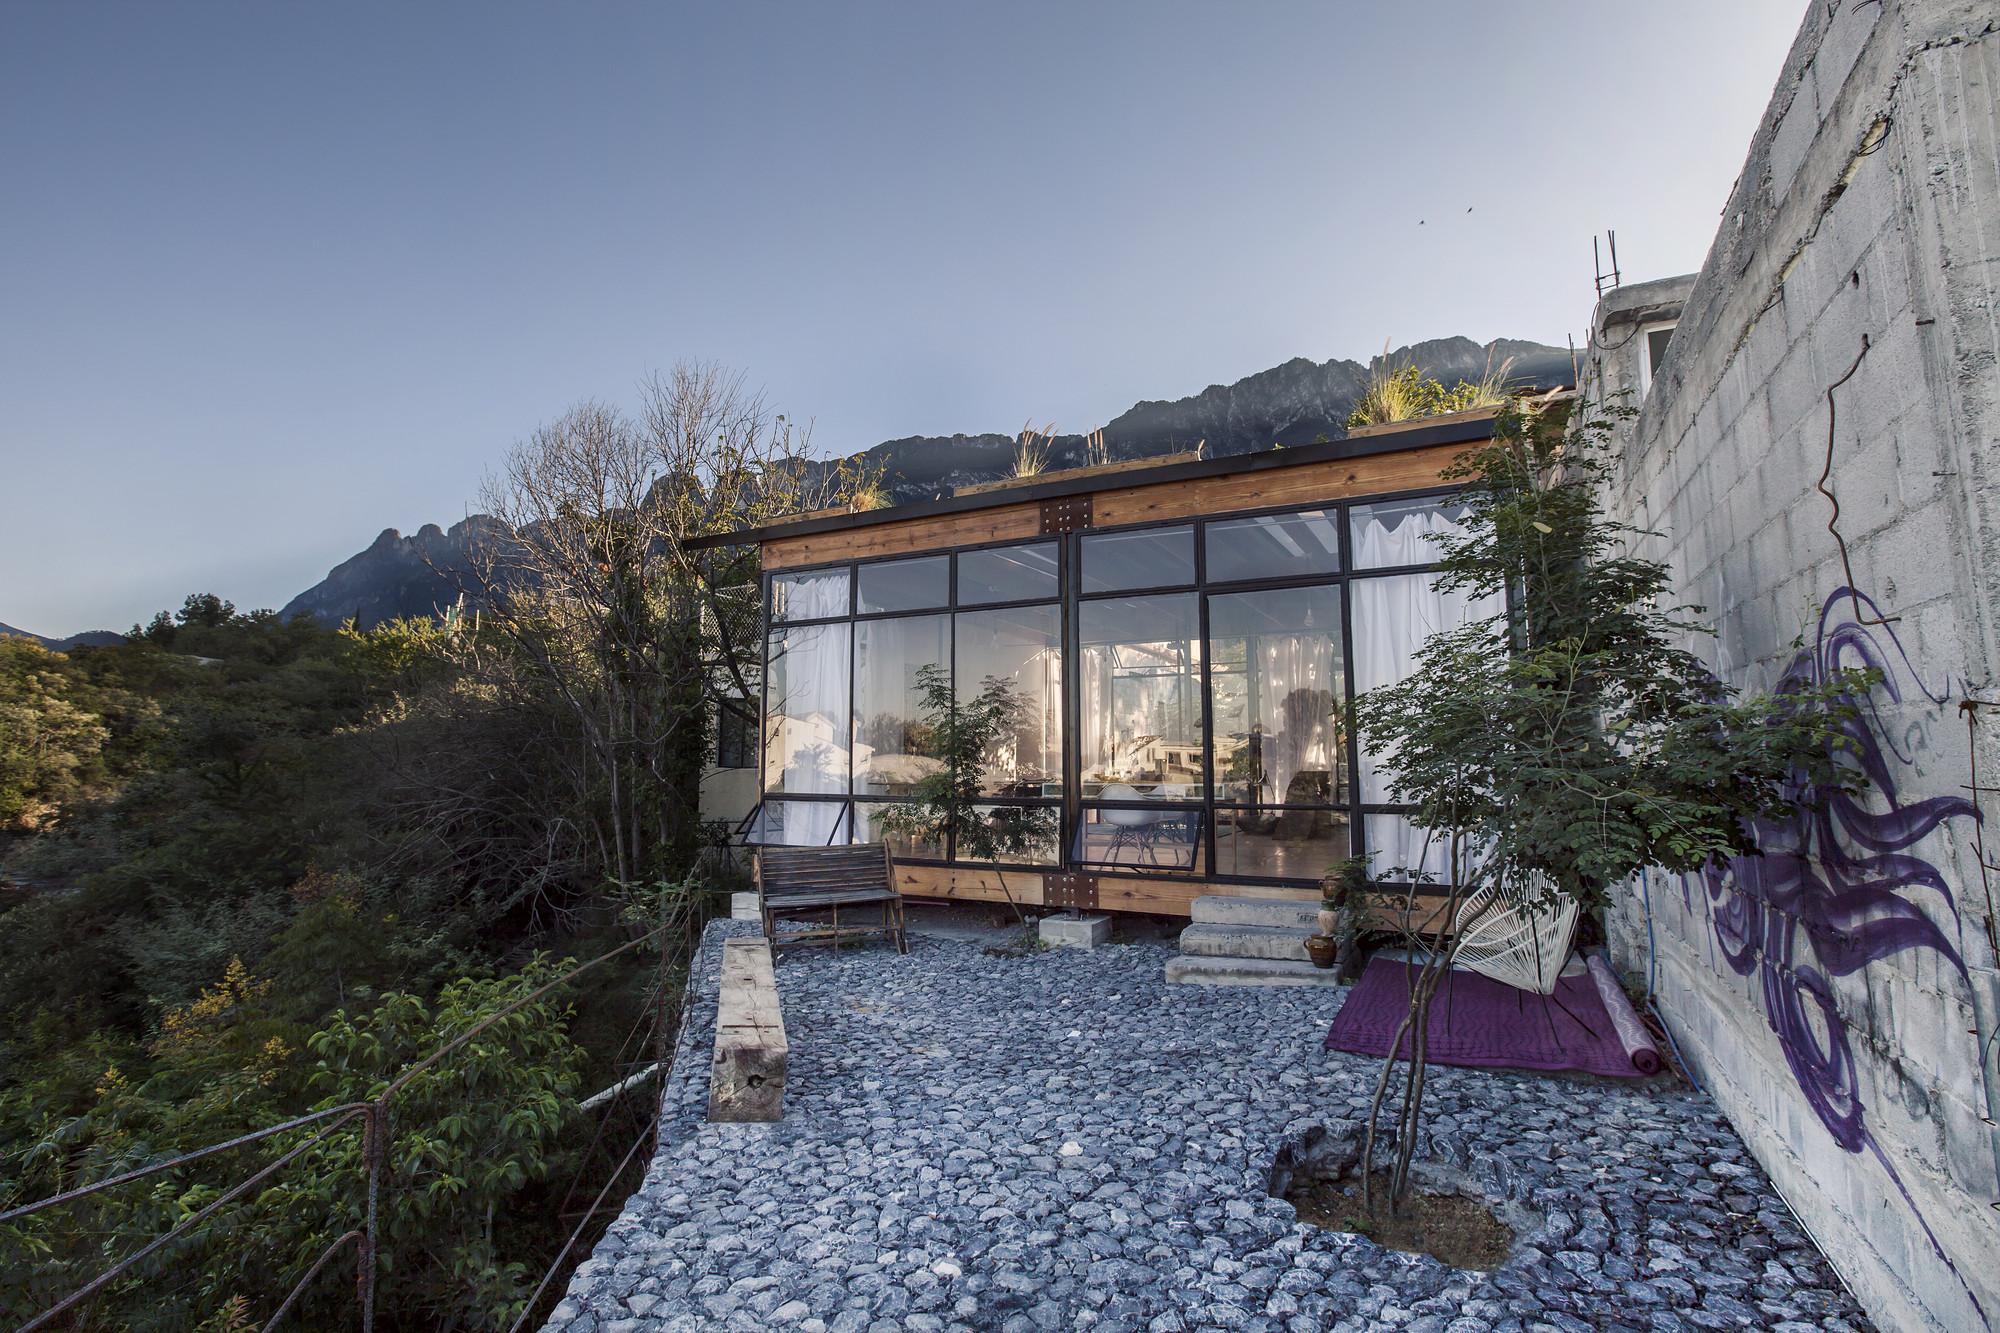 Workshop / Covachita Taller de Arquitectura, © 18·26 Agencia de Fotografía